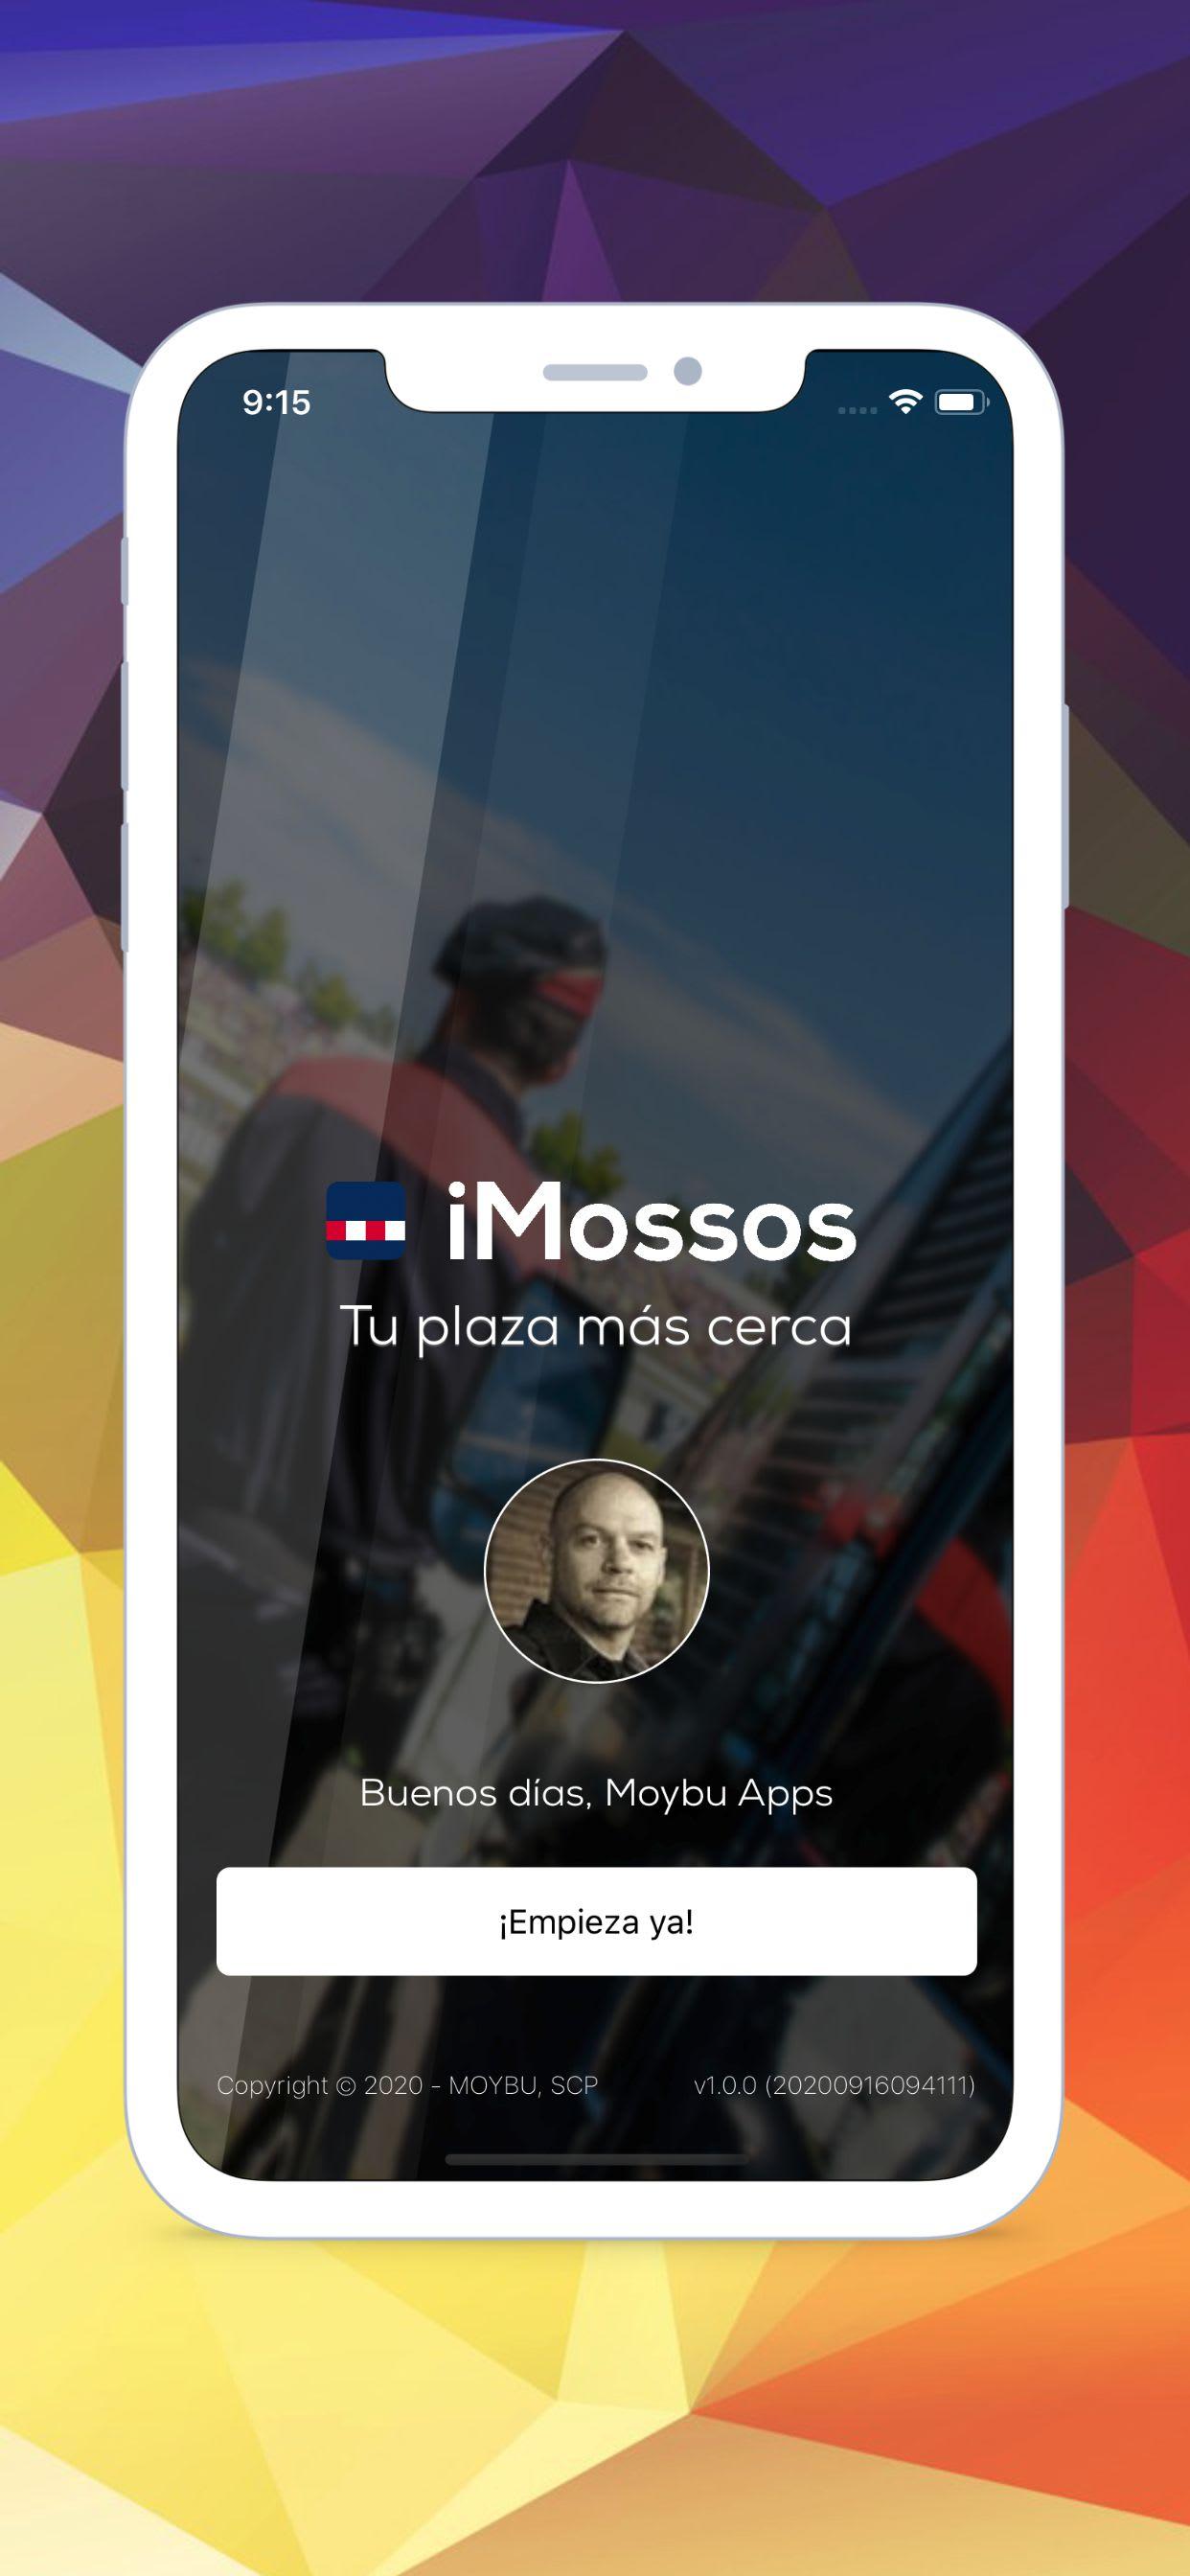 imossos screenshot 1